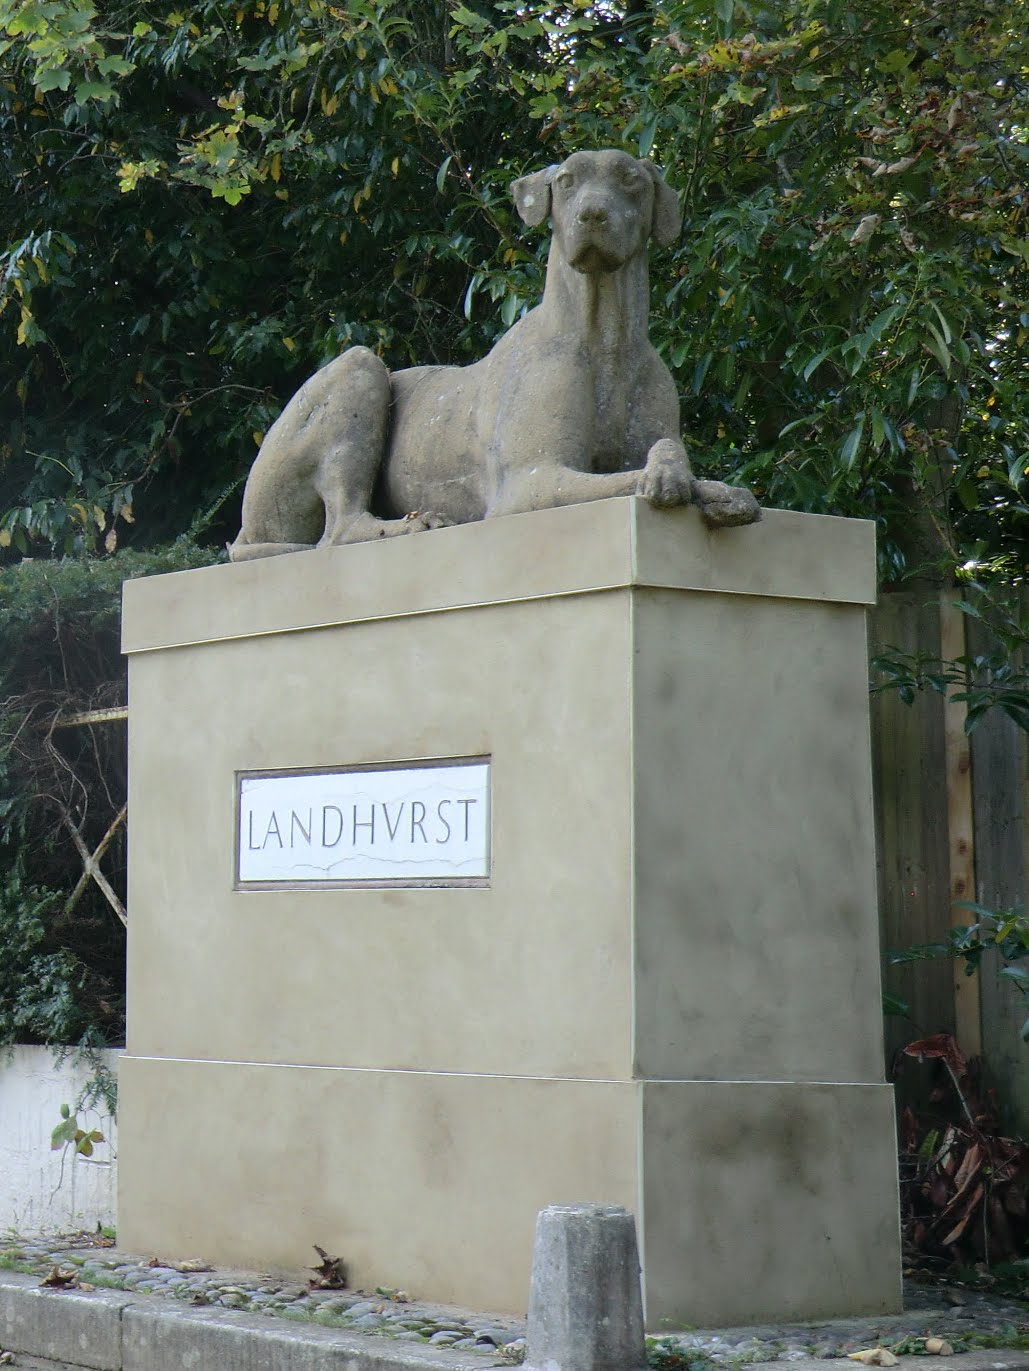 CIMG0708 Welcome to Landhurst